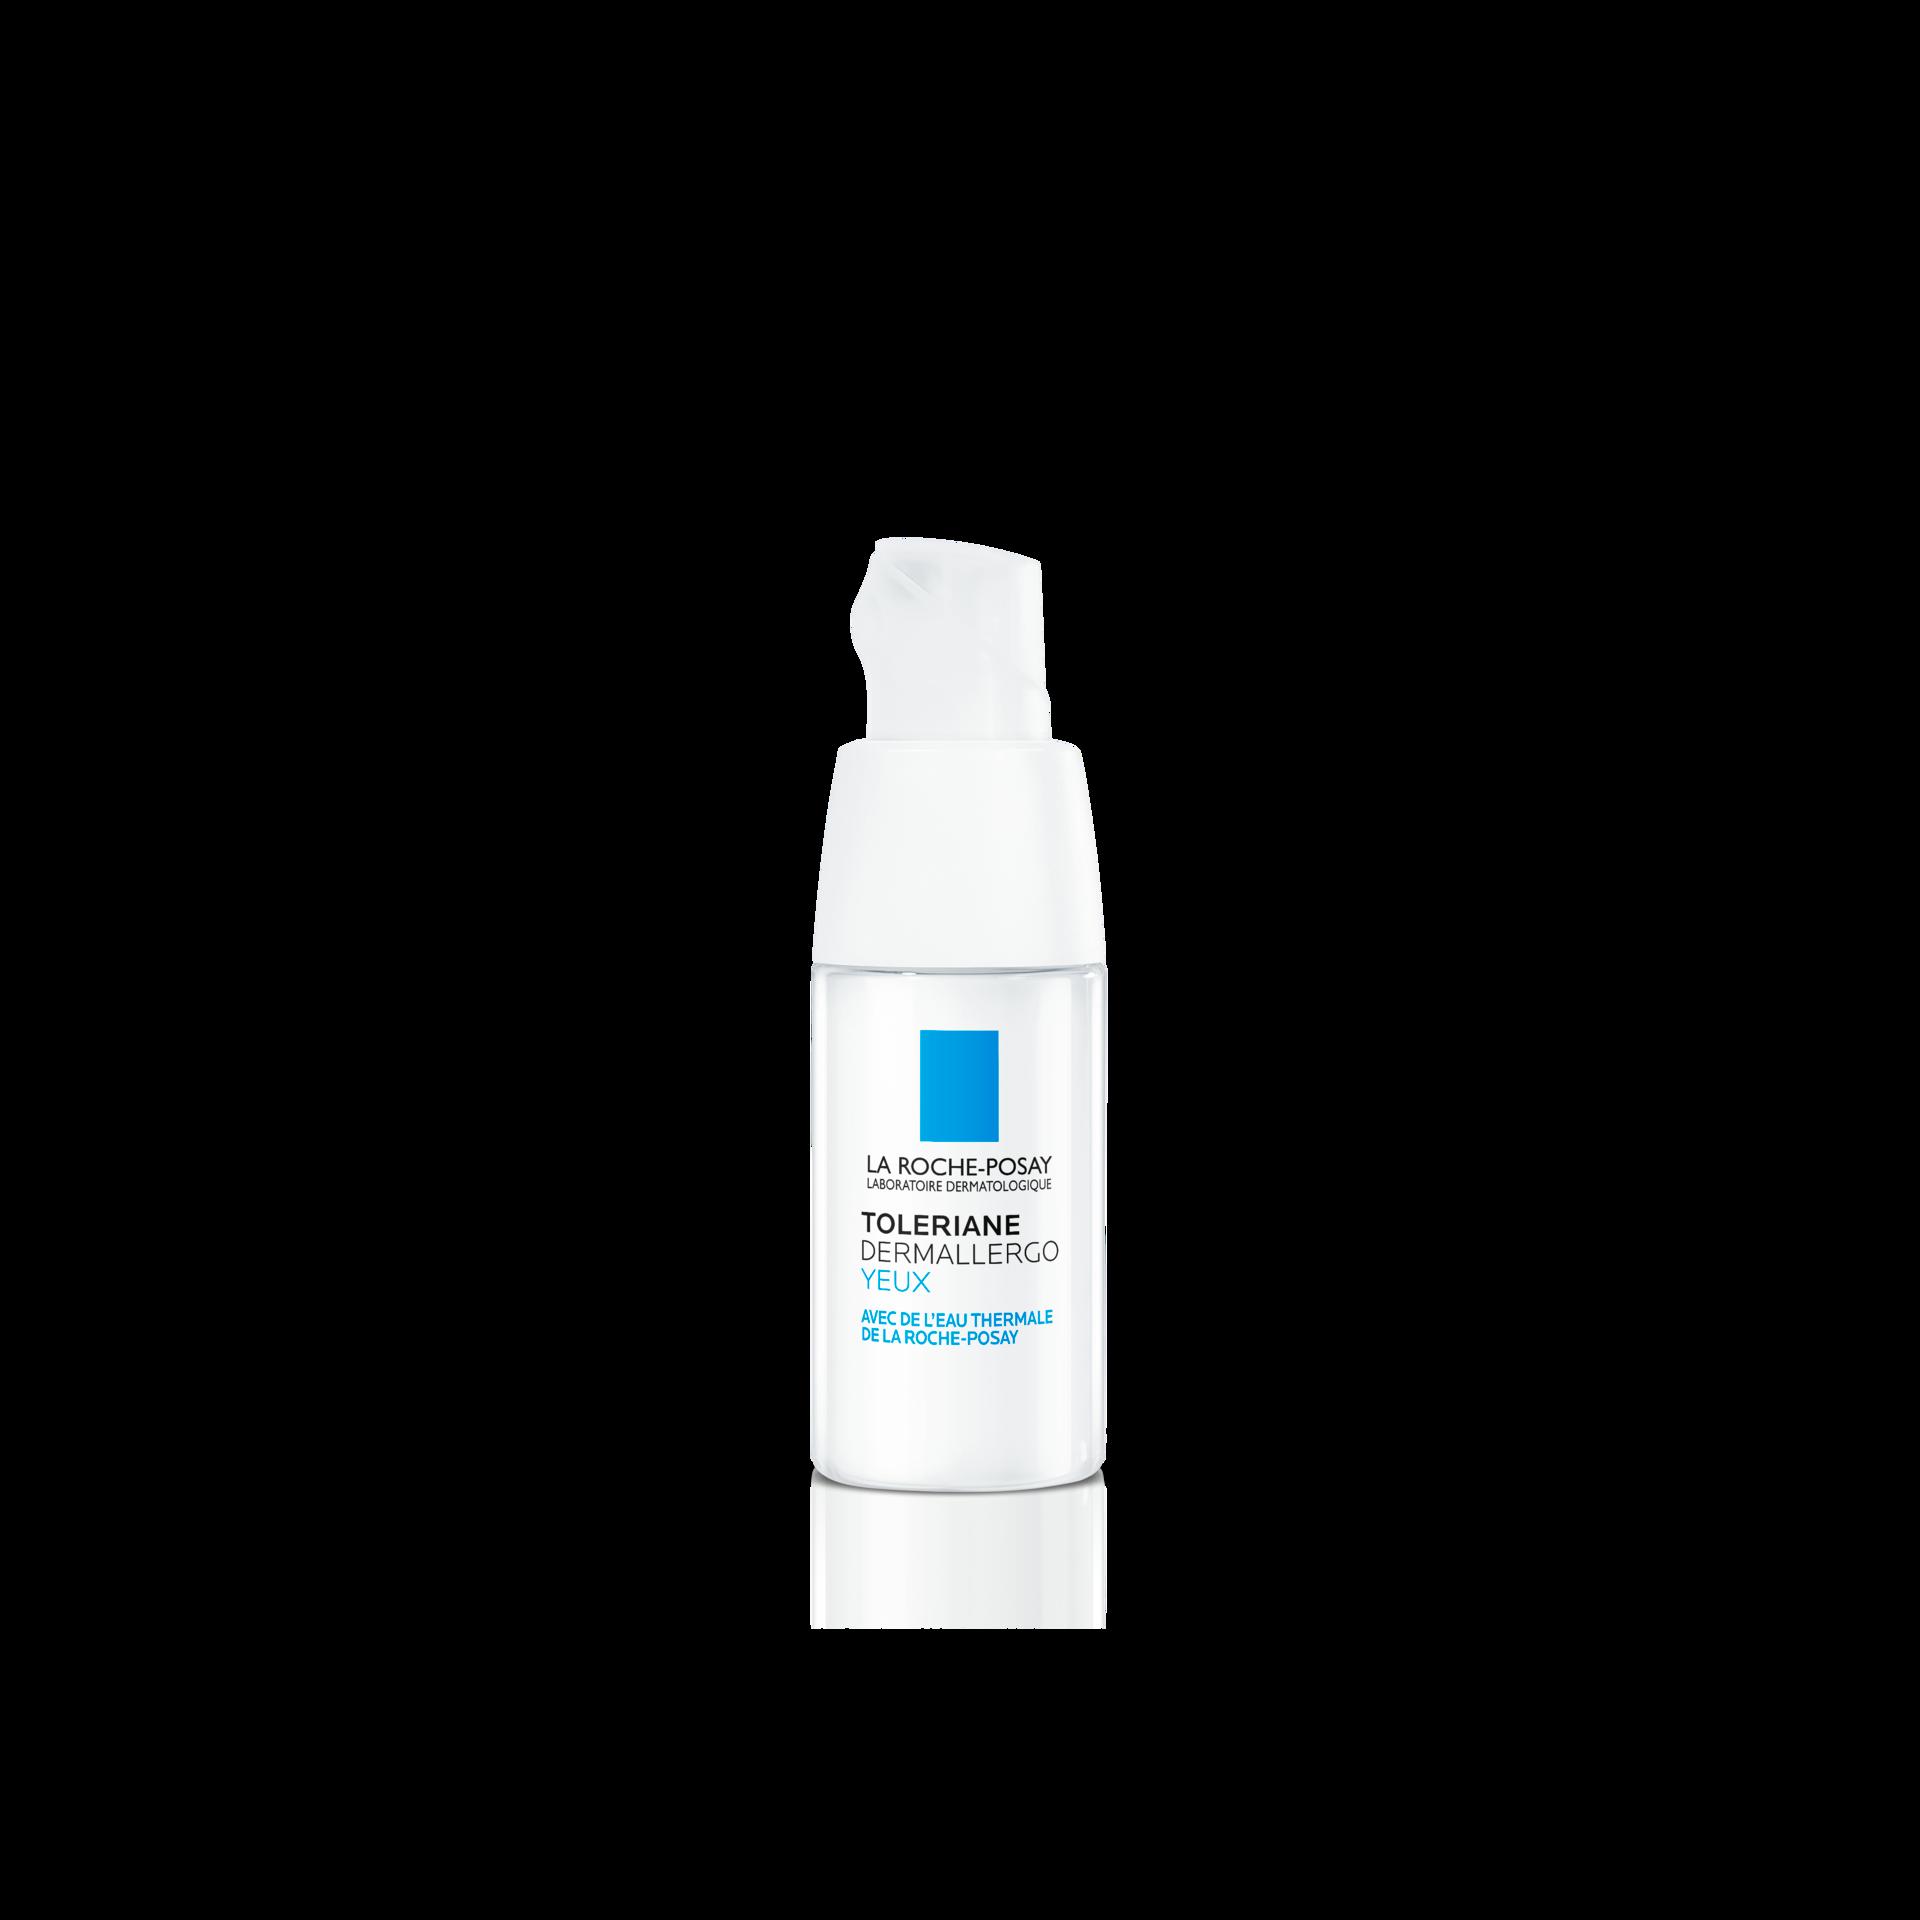 lrp-toleriane-dermallergo-eyes-front-packshot (1)